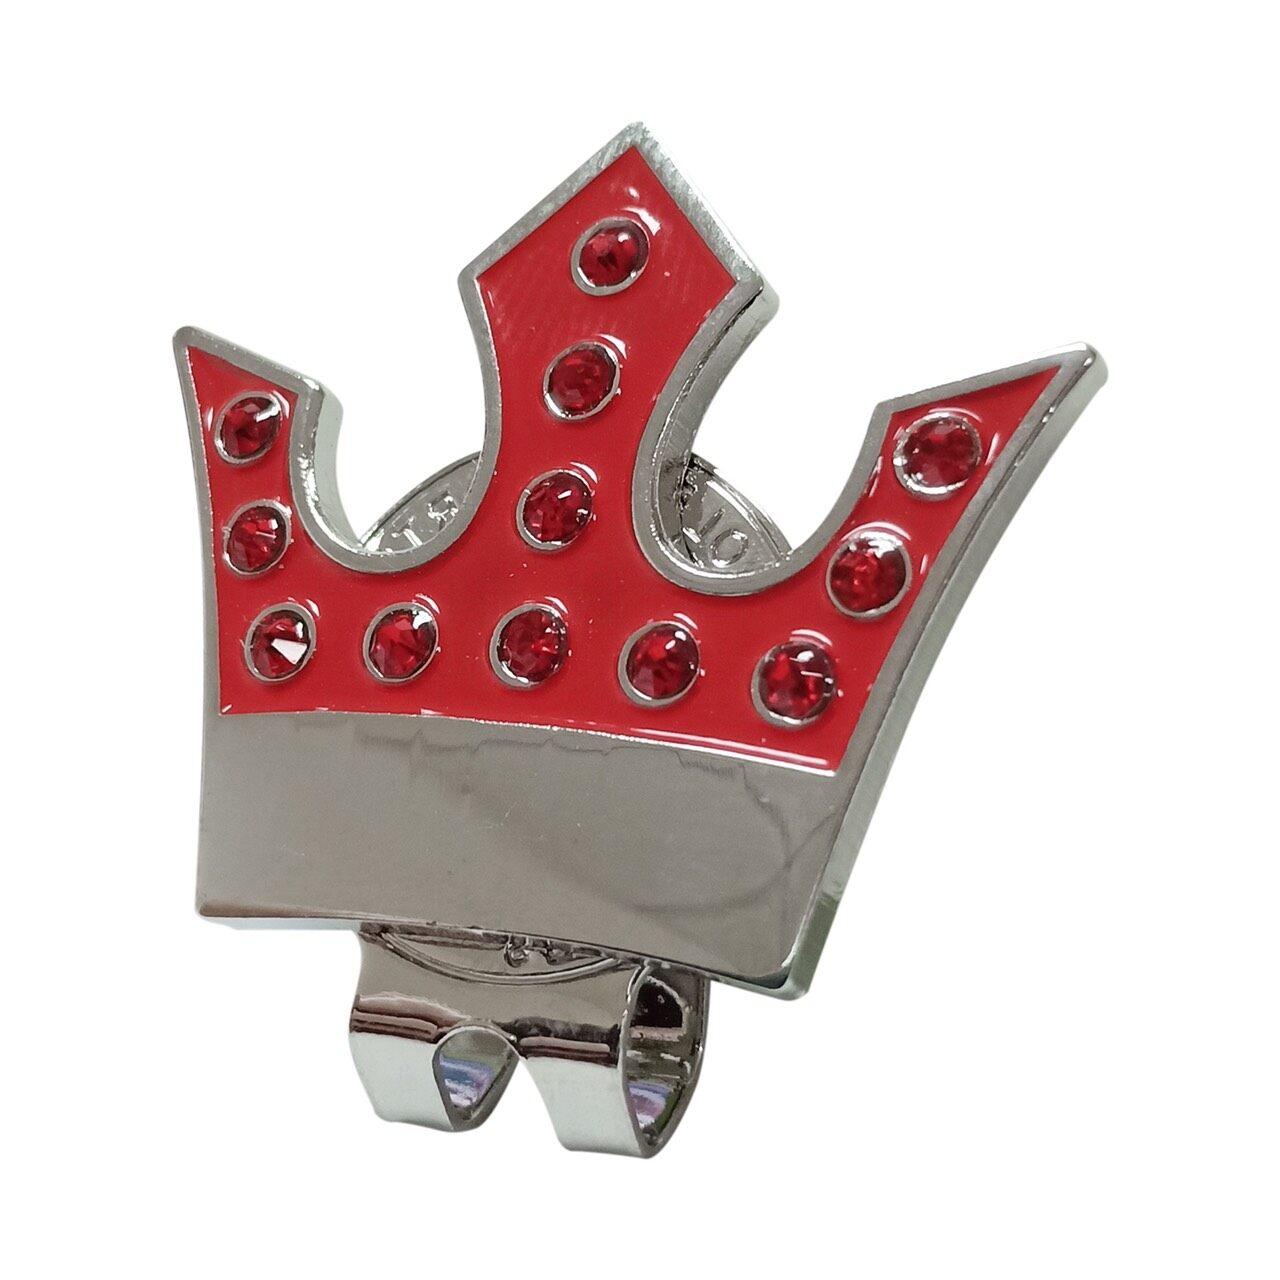 คลิปหมวกแม่เหล็ก มีให้เลือกหลายลาย รุ่นใหม่ล่าสุด GOLF MARKER MAGNET CLIP ราคาสุดคุ้ม MK0001